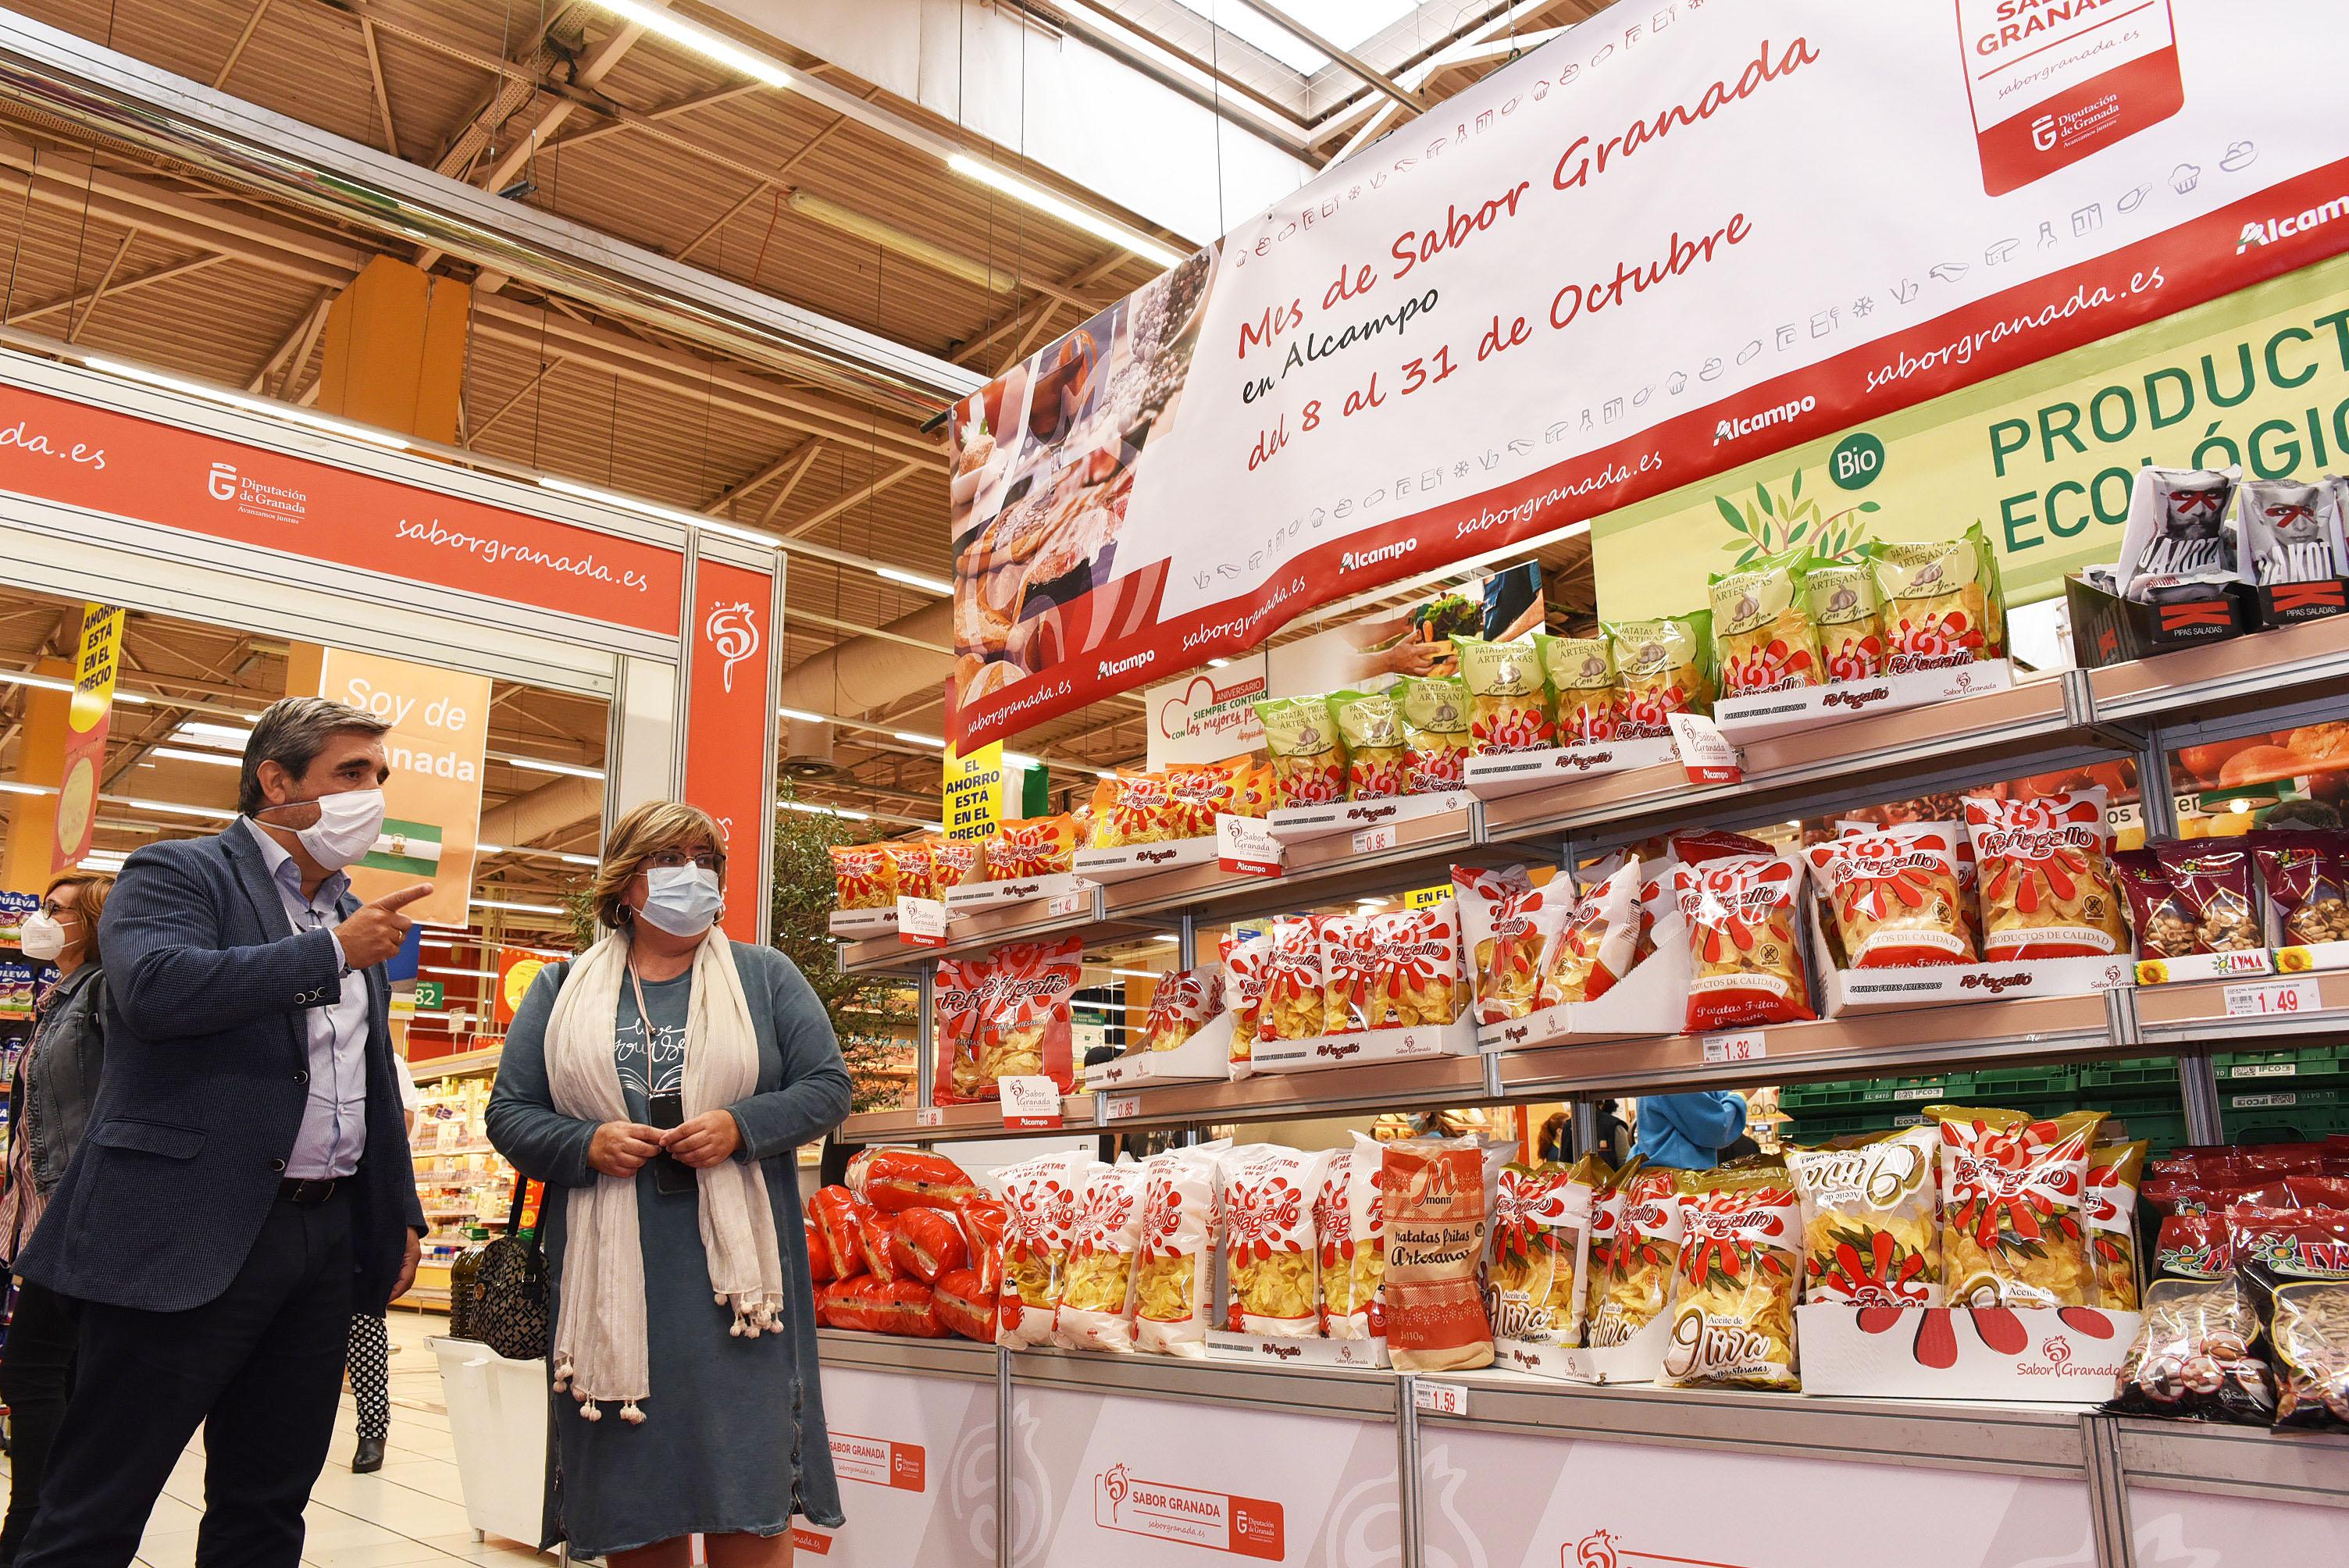 Los productos de Sabor Granada se promocionan en Alcampo